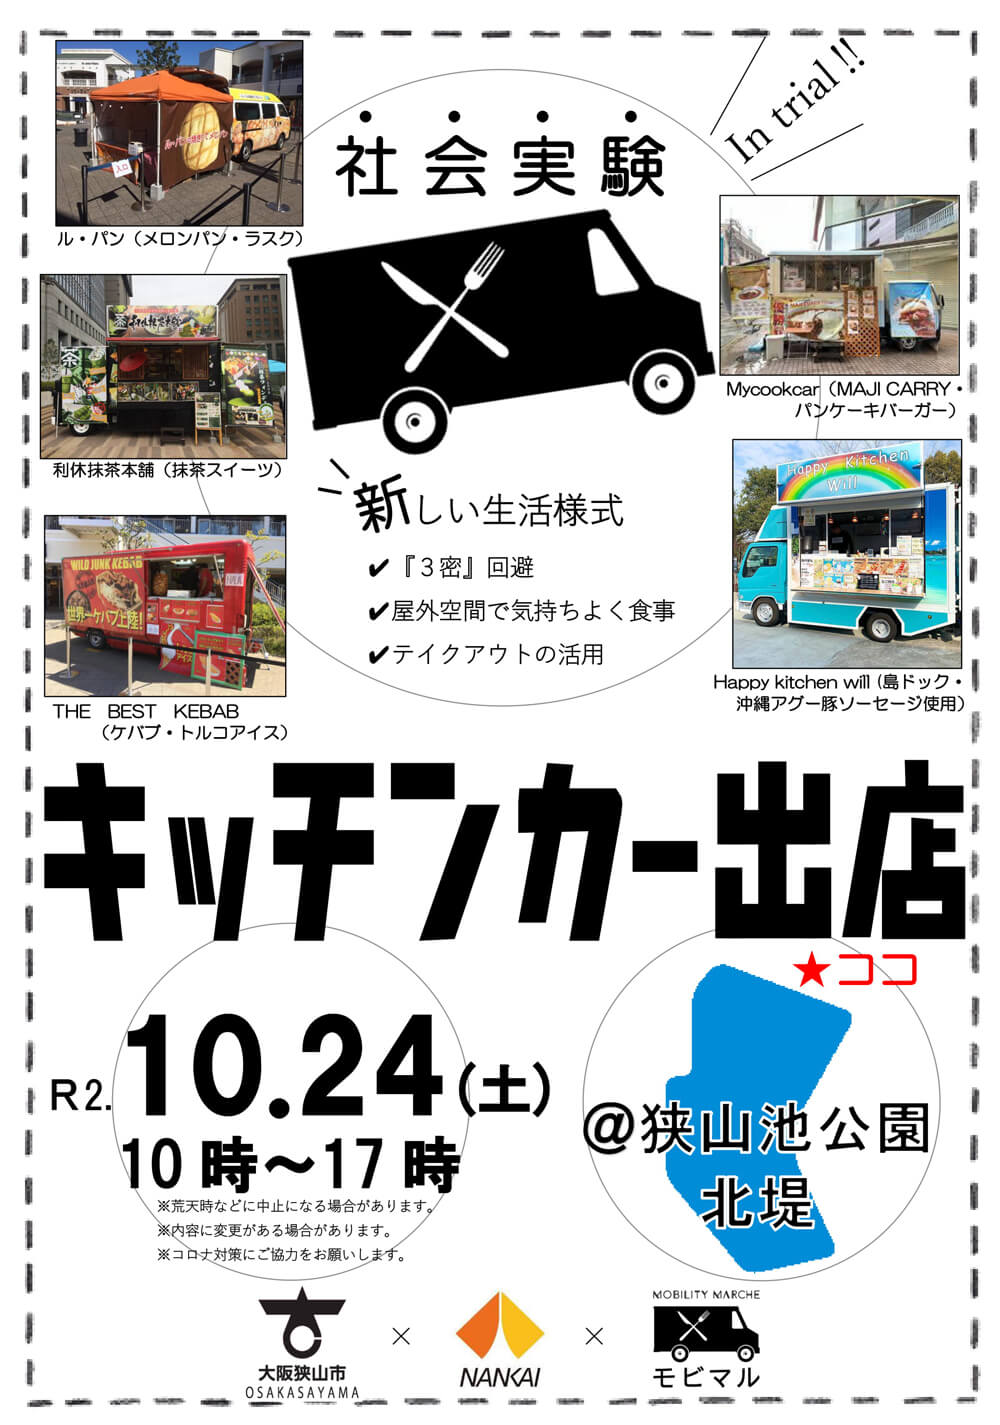 大阪狭山市に「キッチンカーがやってくる!」 (2)